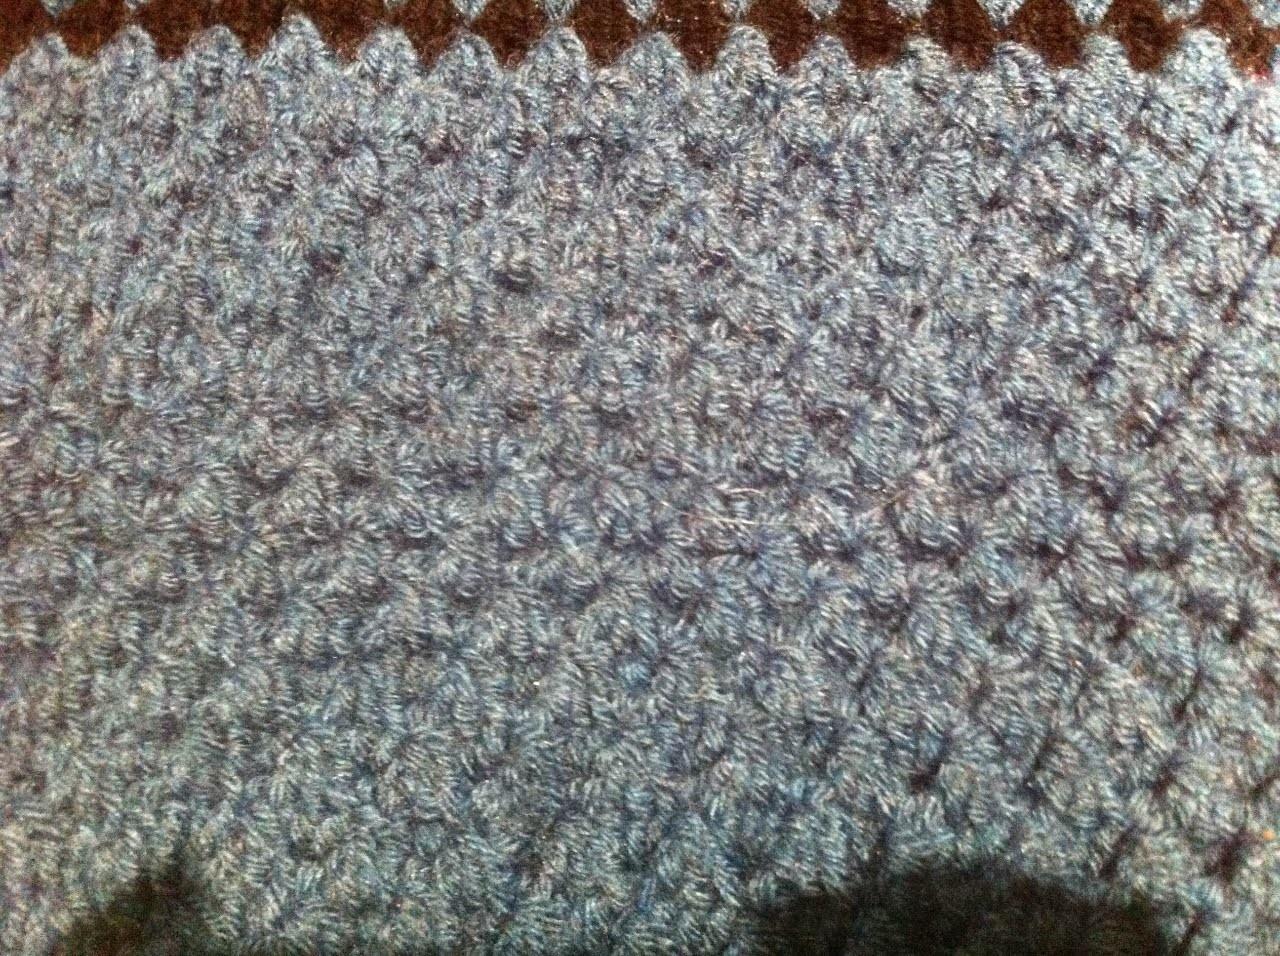 Un point épais : coussin de chaise, tapis de salle de bains, housse de protection épaisse au crochet